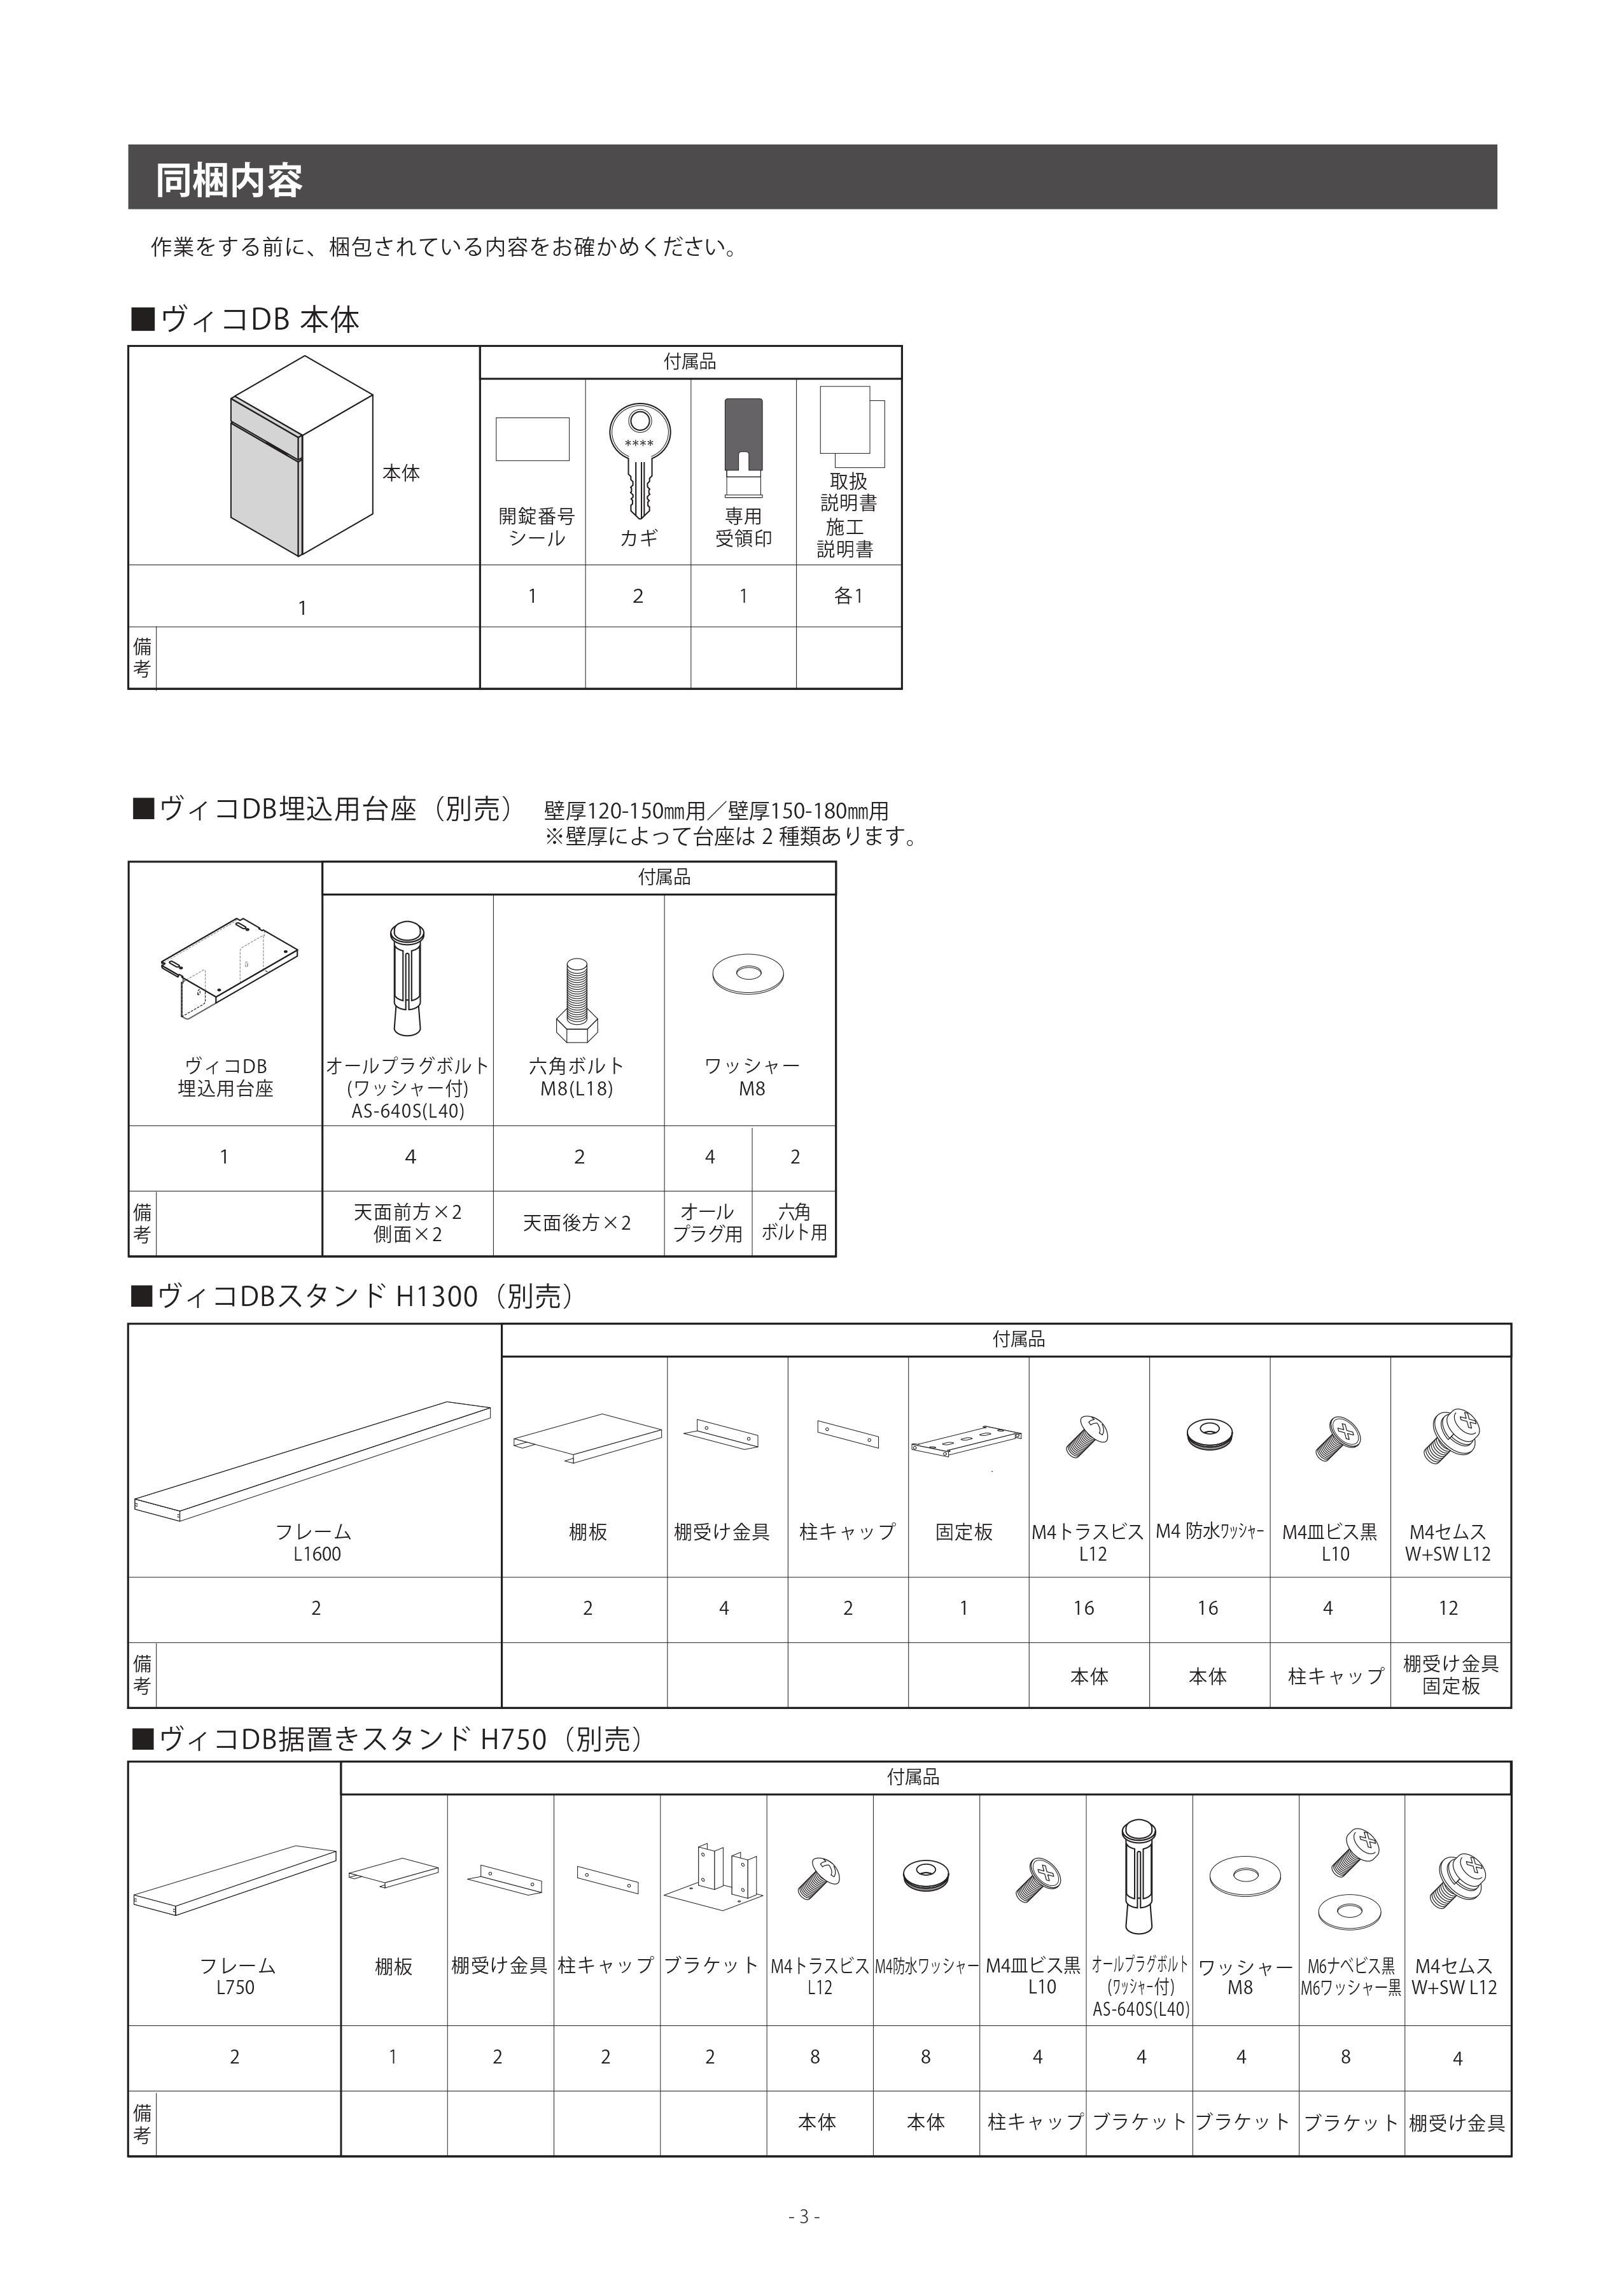 ヴィコDB 取り扱い説明書 (11)